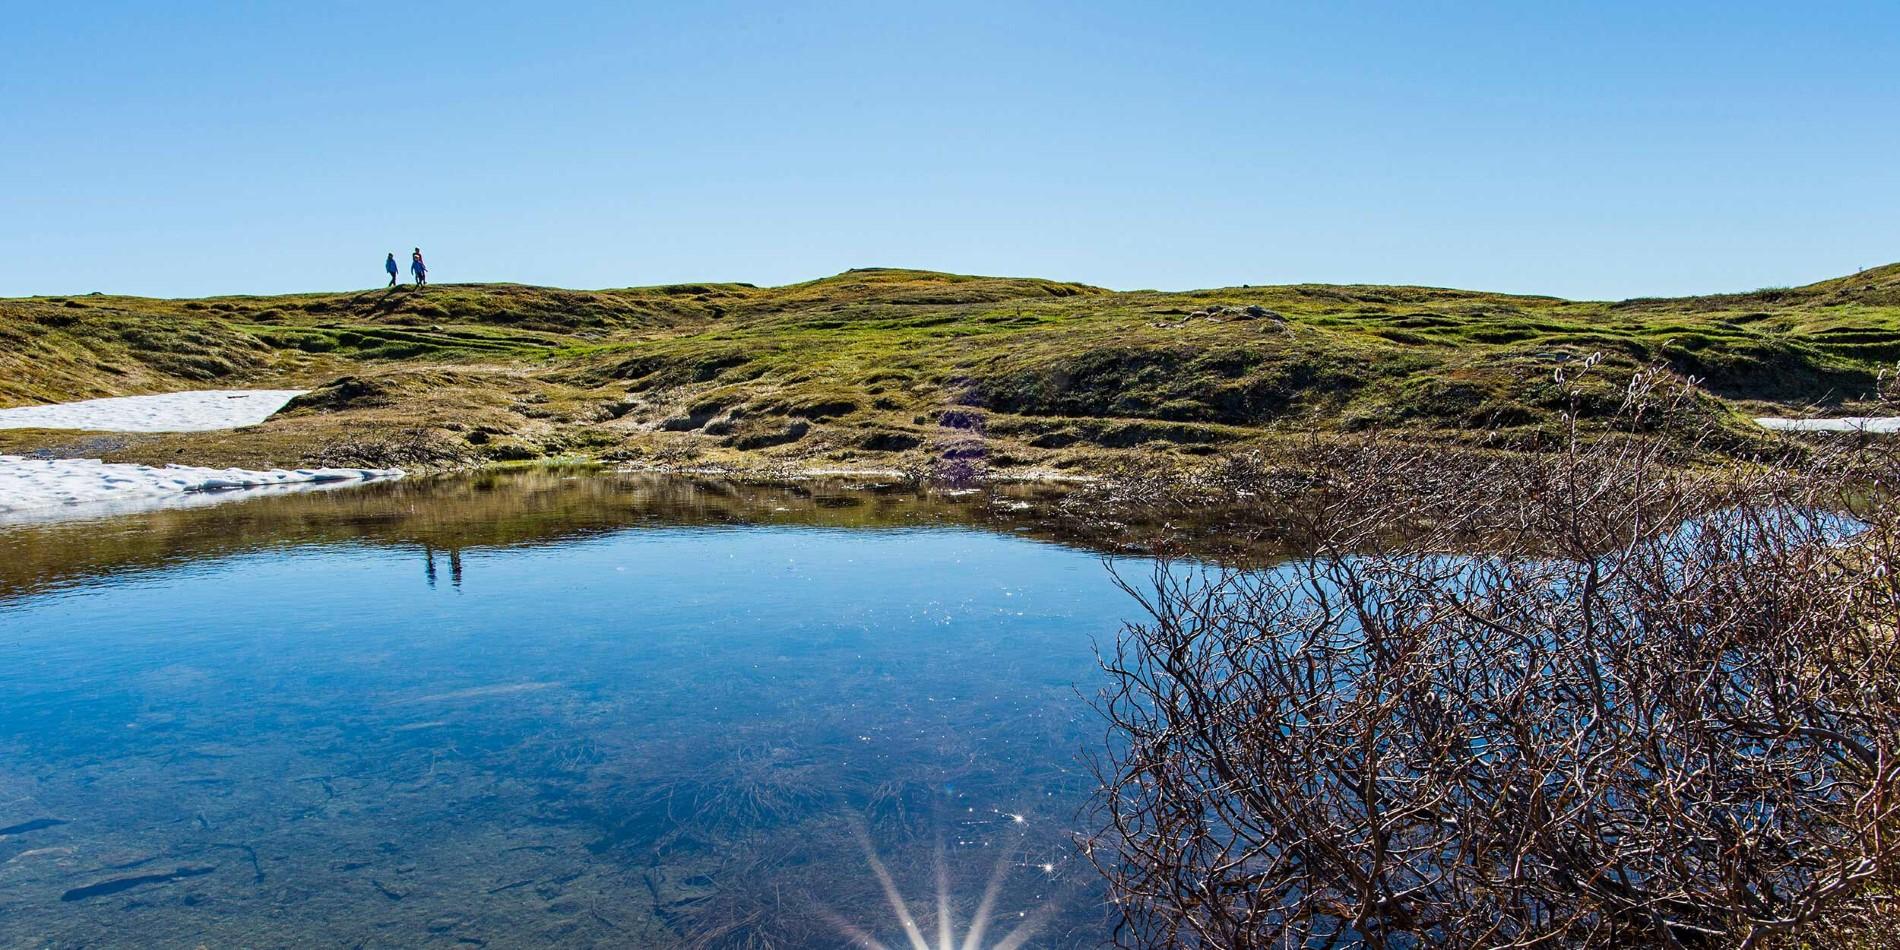 Fotturer i vakre norske landskap